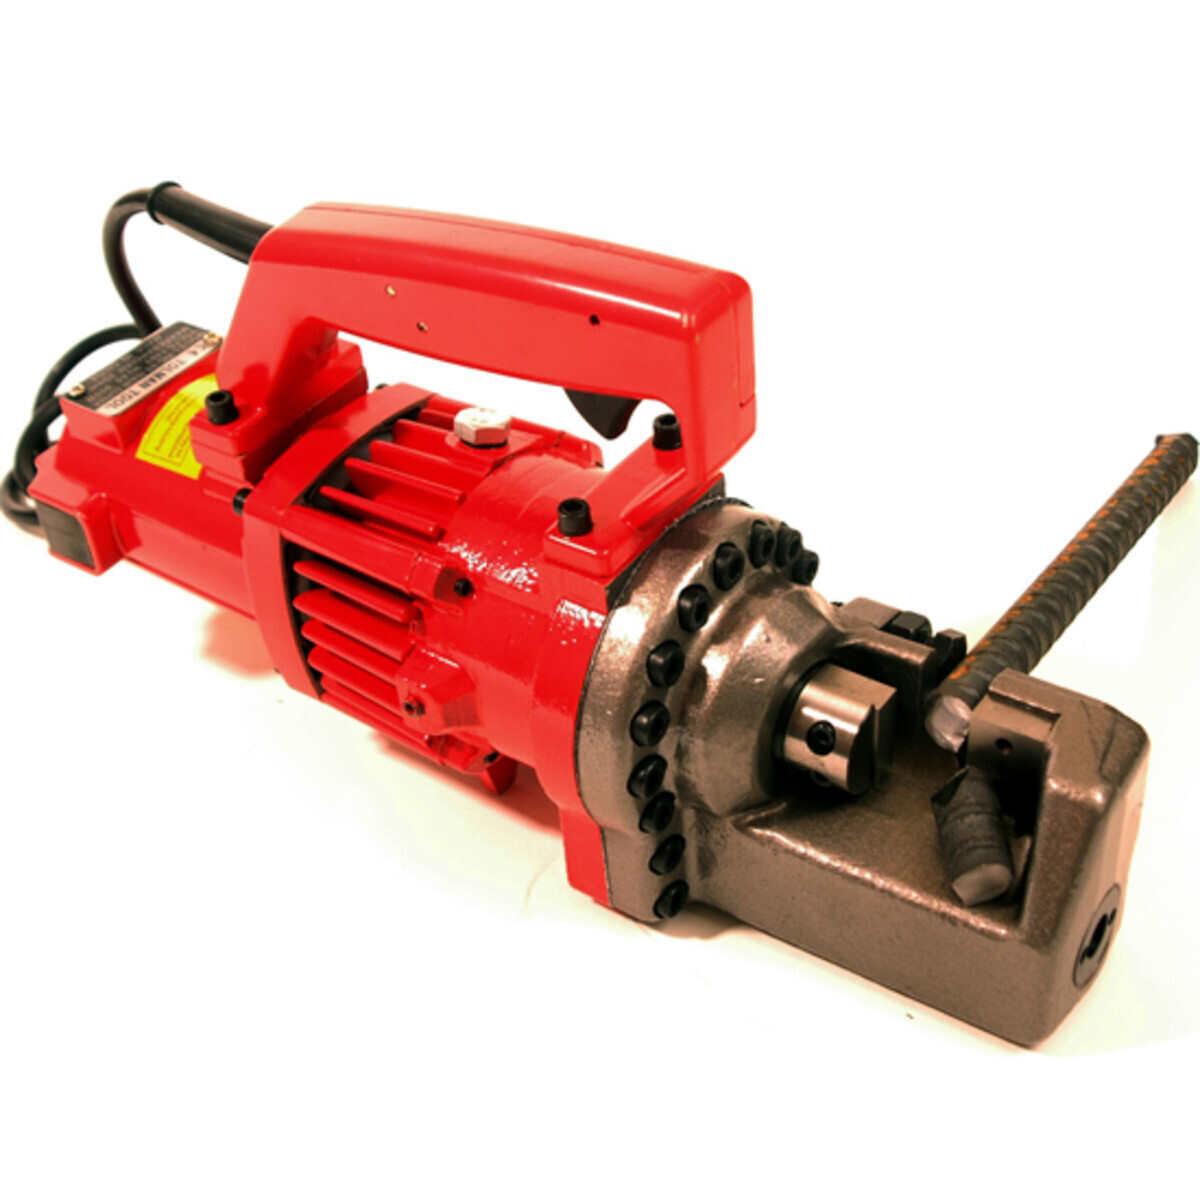 Tolman RC-20 Electric Hydraulic Rebar Cutter